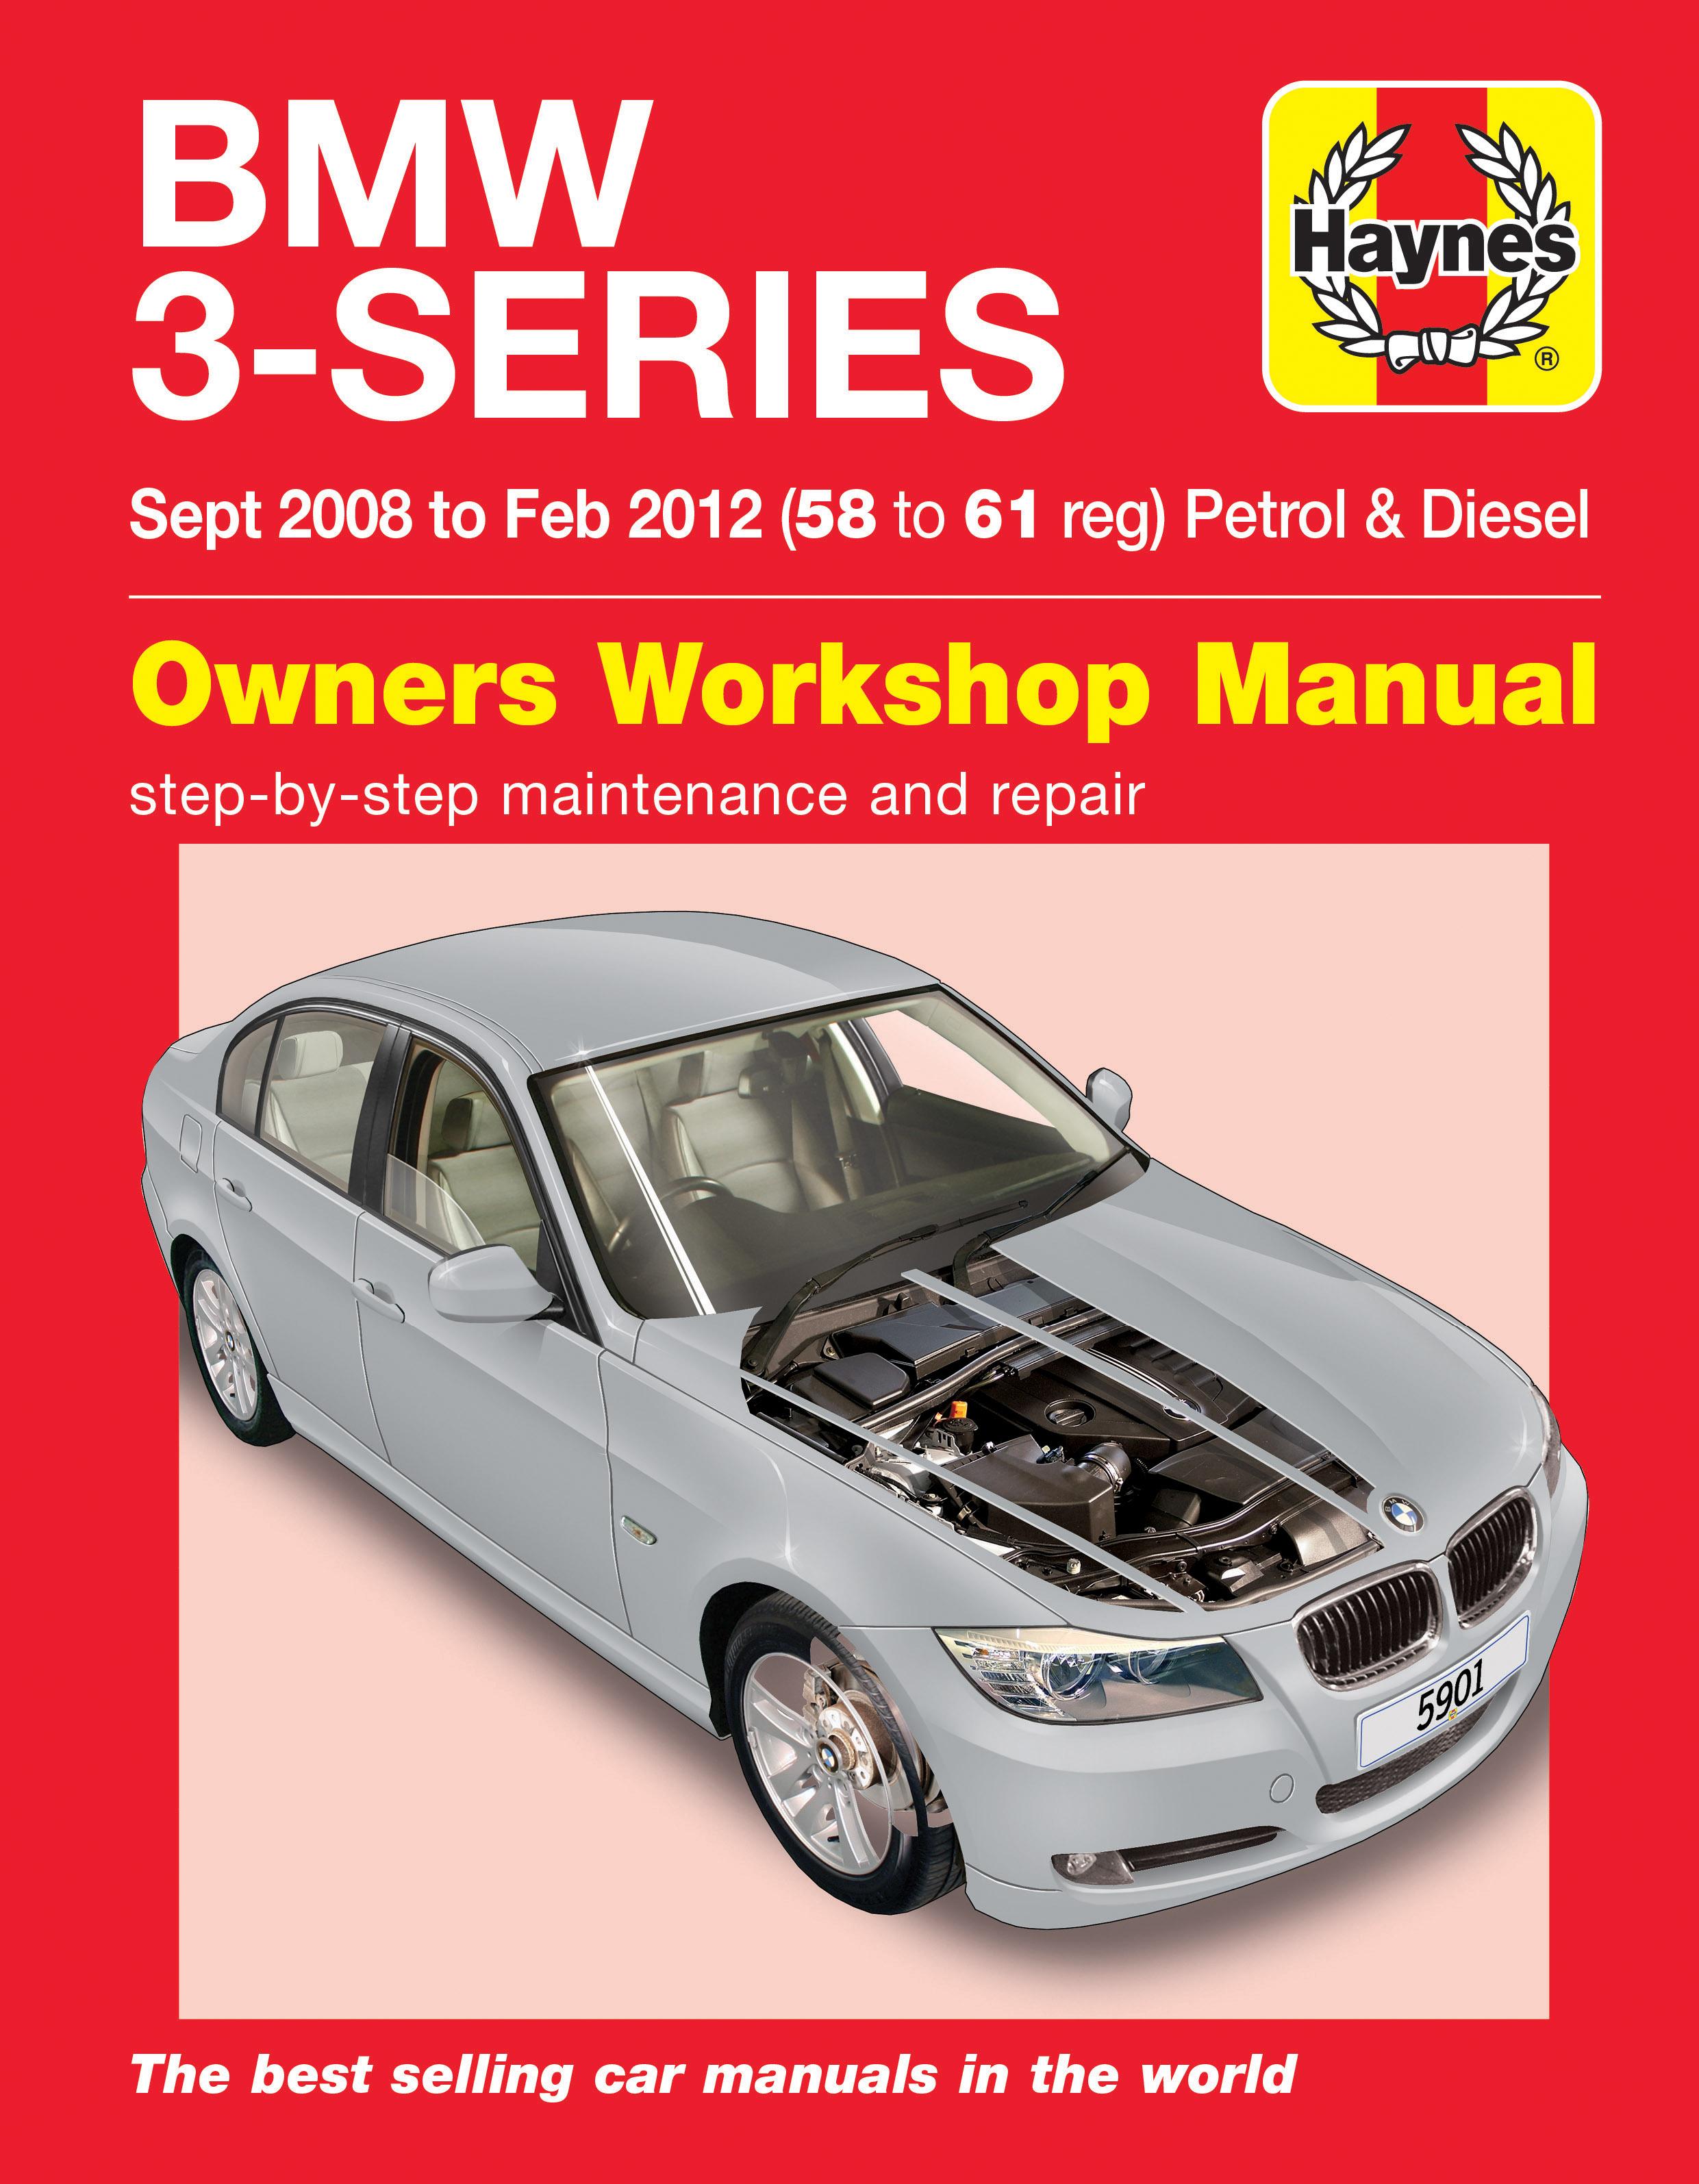 Bmw 3 series sept 08 to feb 12 haynes repair manual haynes enlarge bmw sciox Gallery